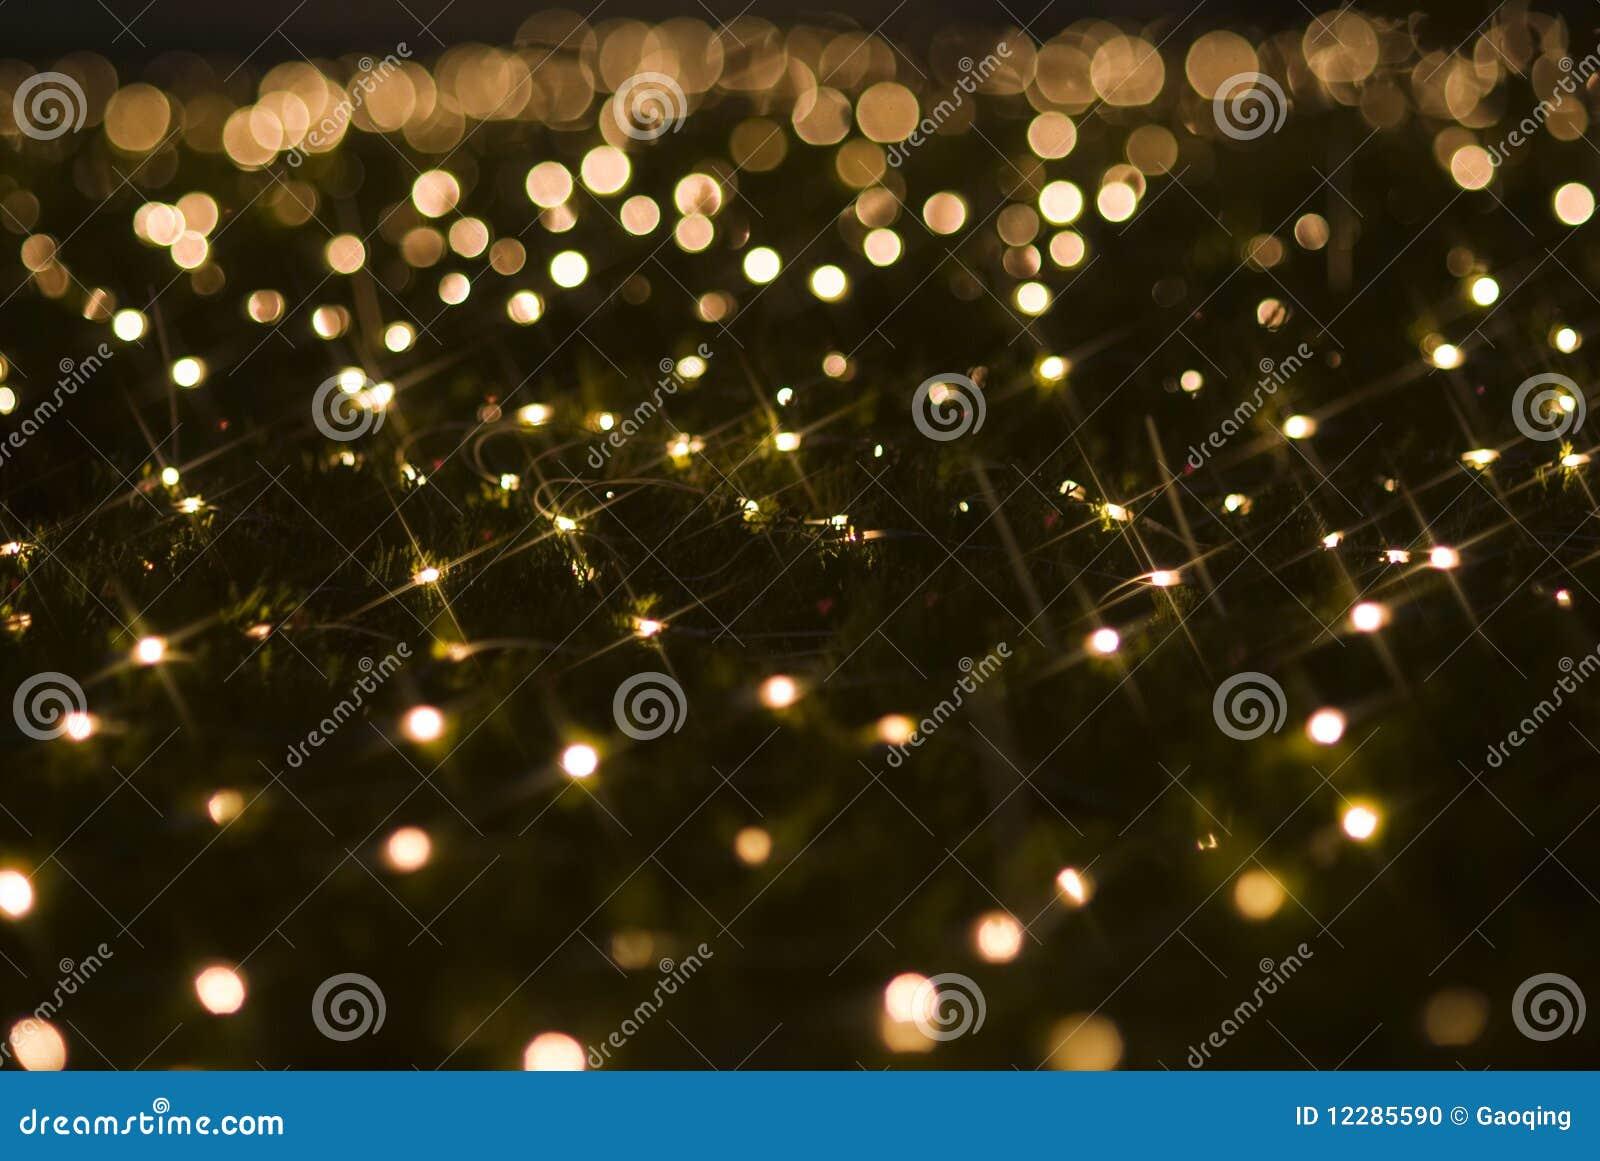 圣诞节影响节假日闪耀光的衣服饰物&#